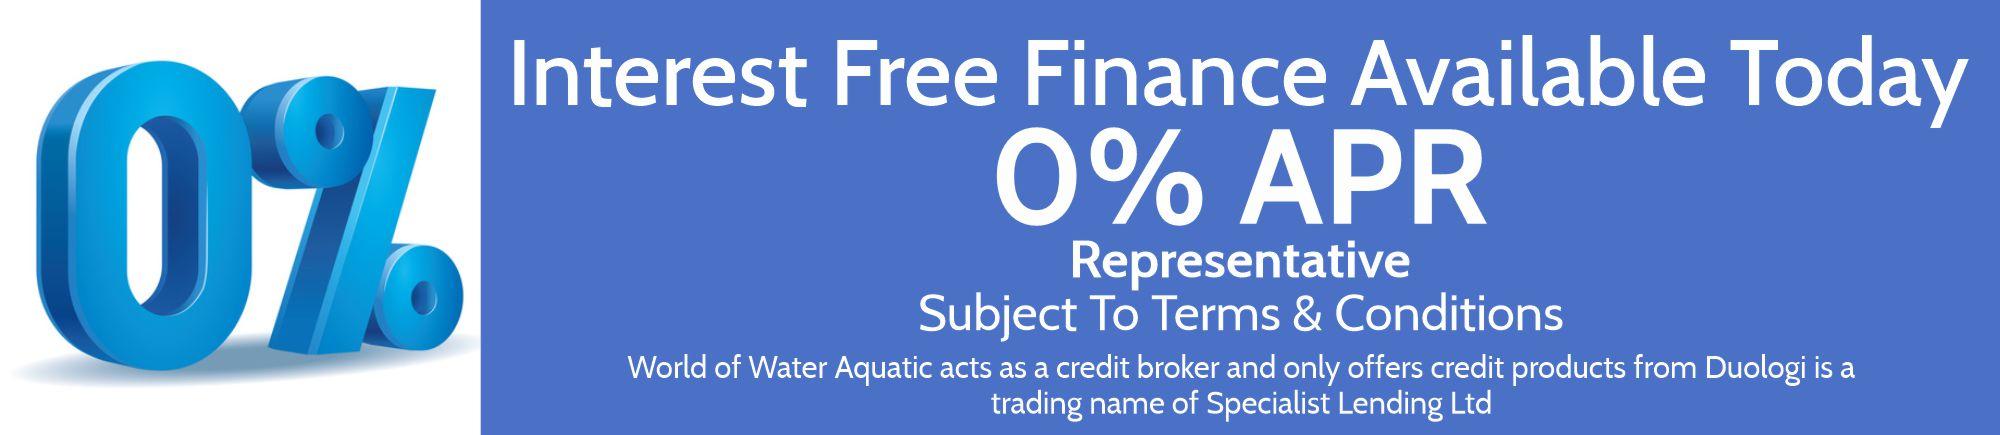 finance-banner-2000.jpg